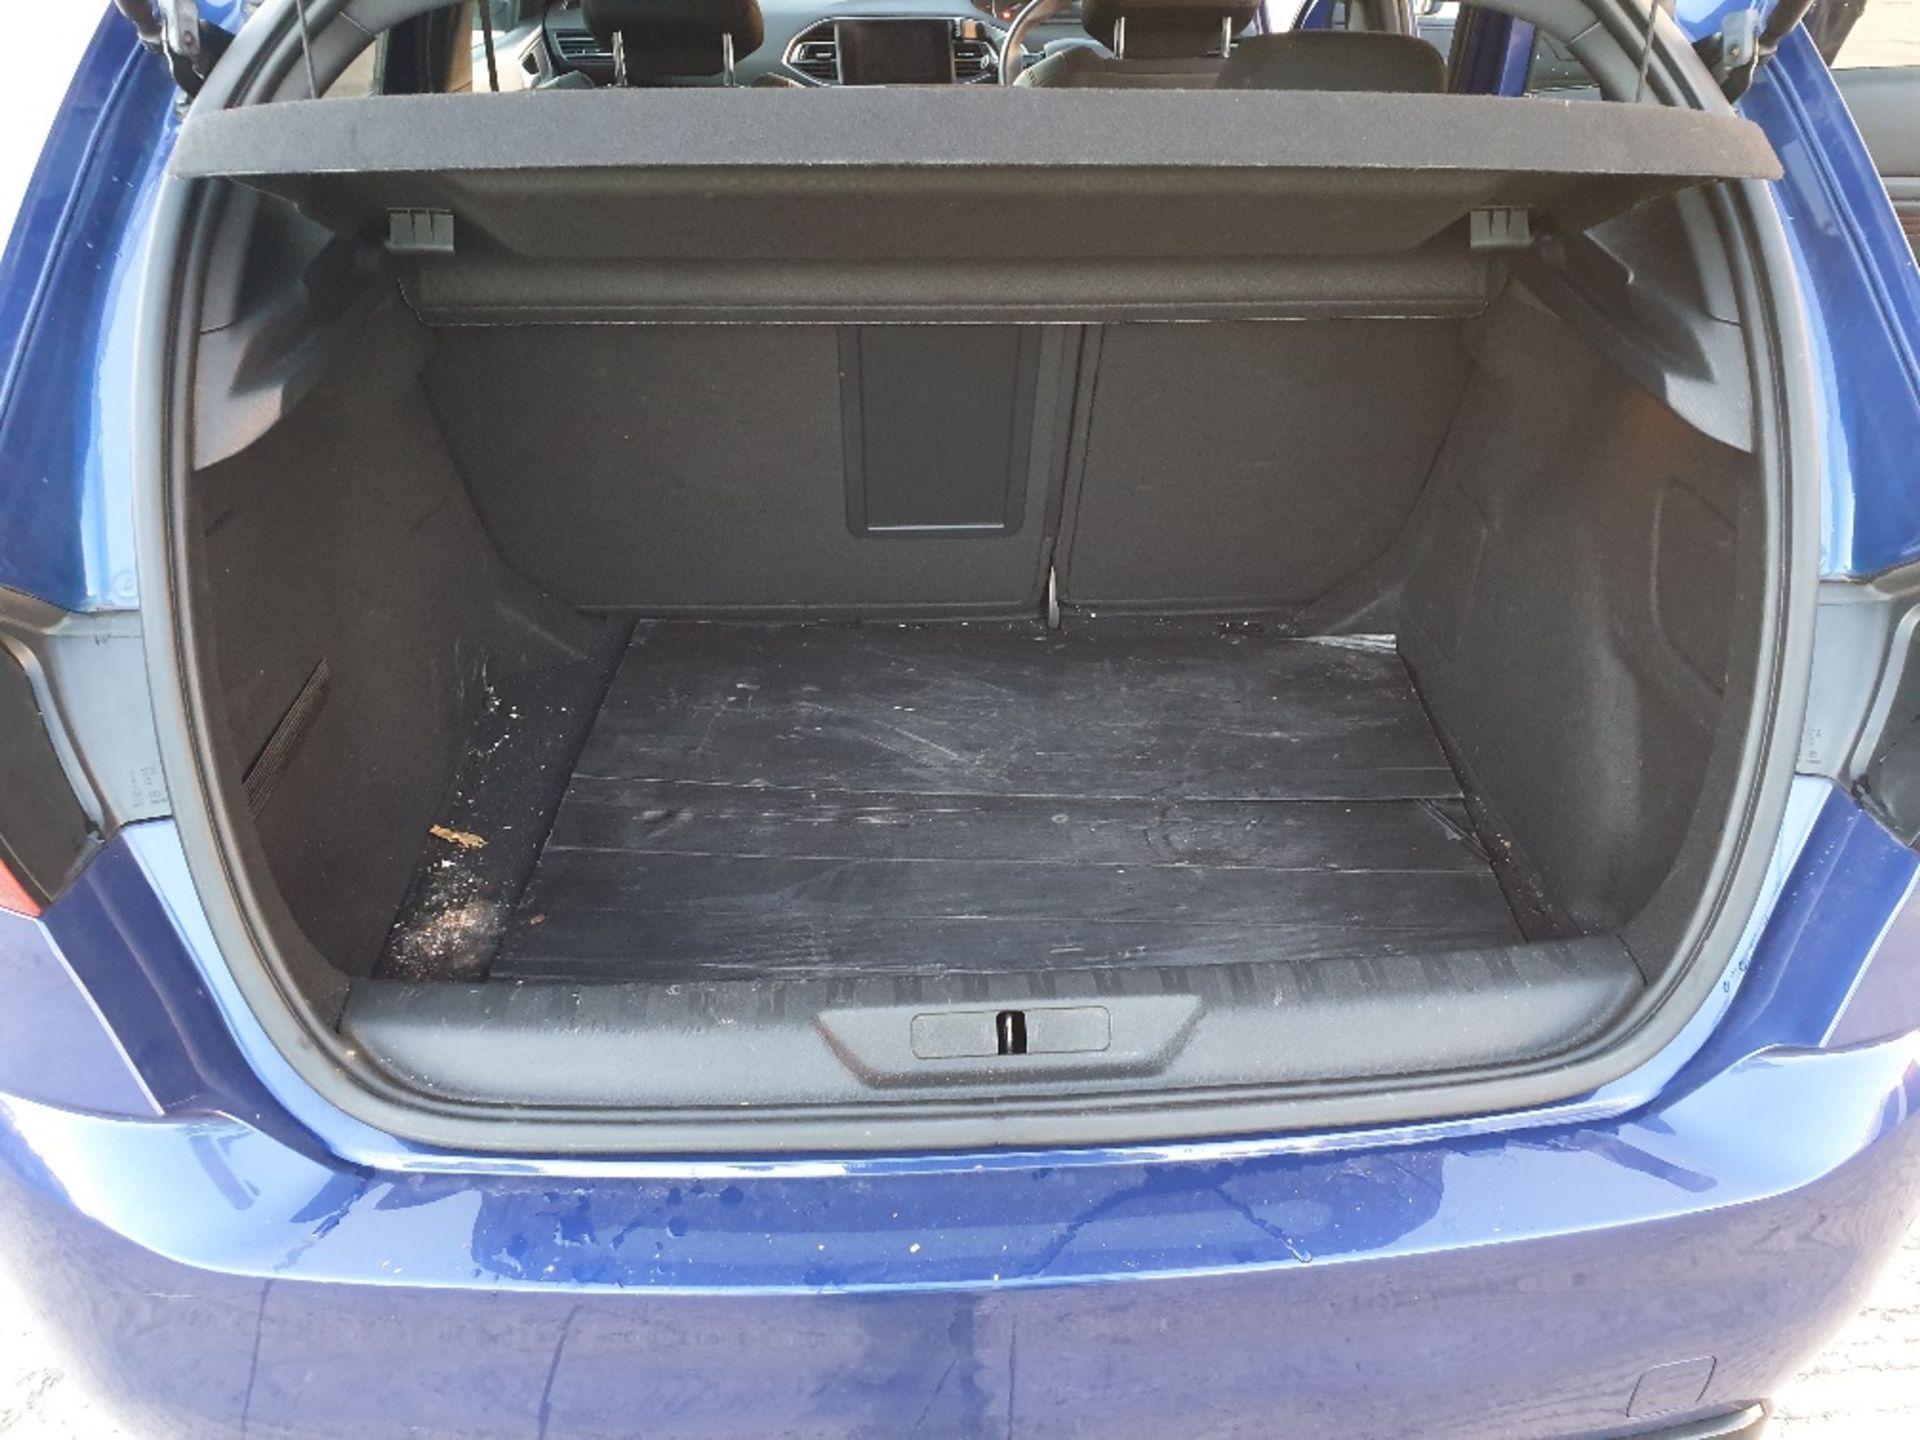 BLUE PEUGEOT 308 GT LINE. Reg : MJ66 UCN, Mileage : 14470 Details: WITH 2 X KEYS WITH V5 MOT UNTIL - Image 9 of 12